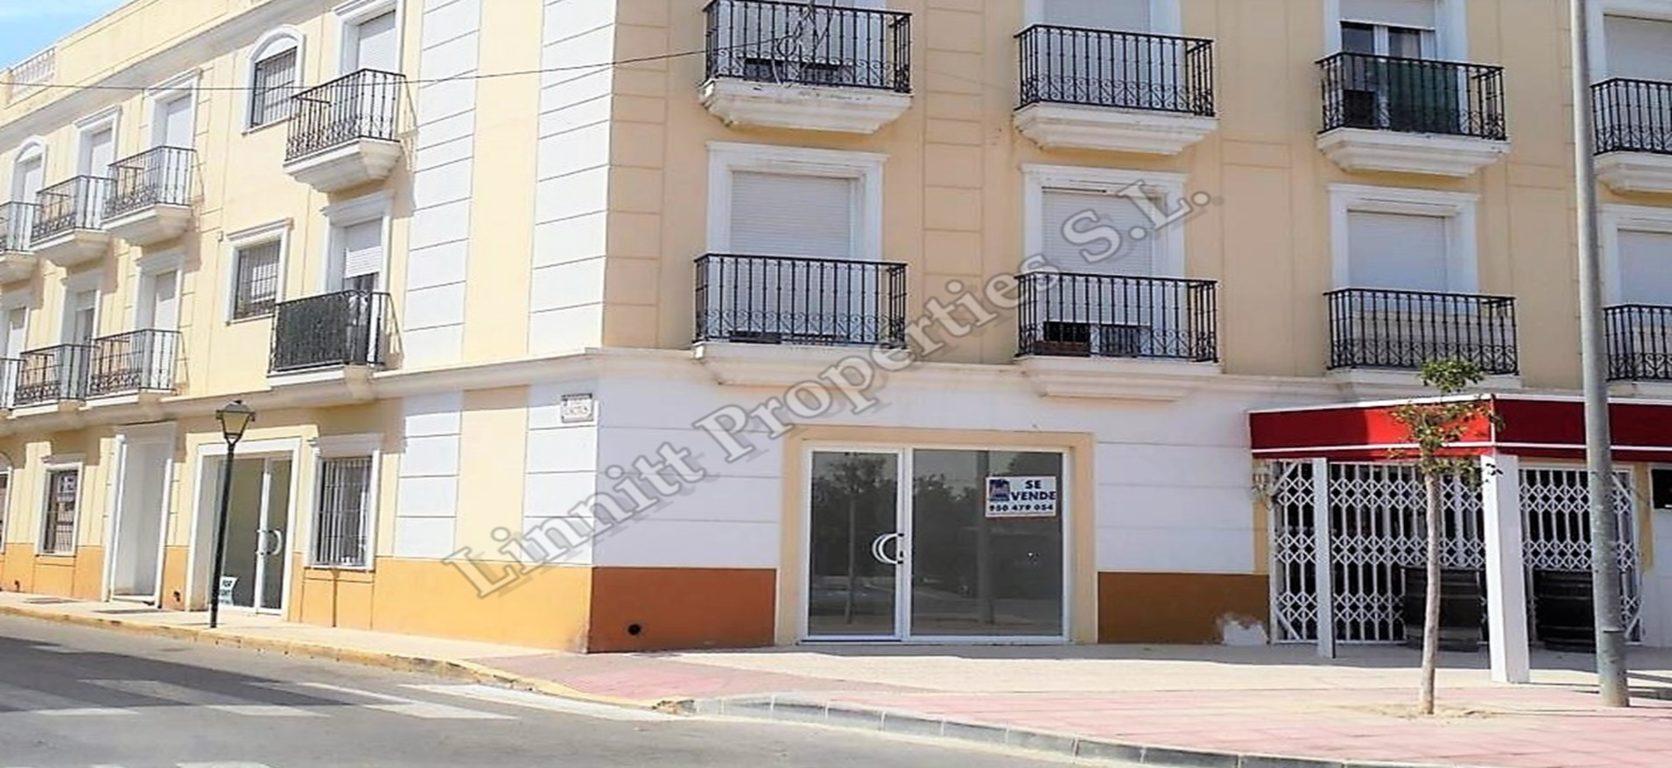 Local comercial en Turre REF: A1625